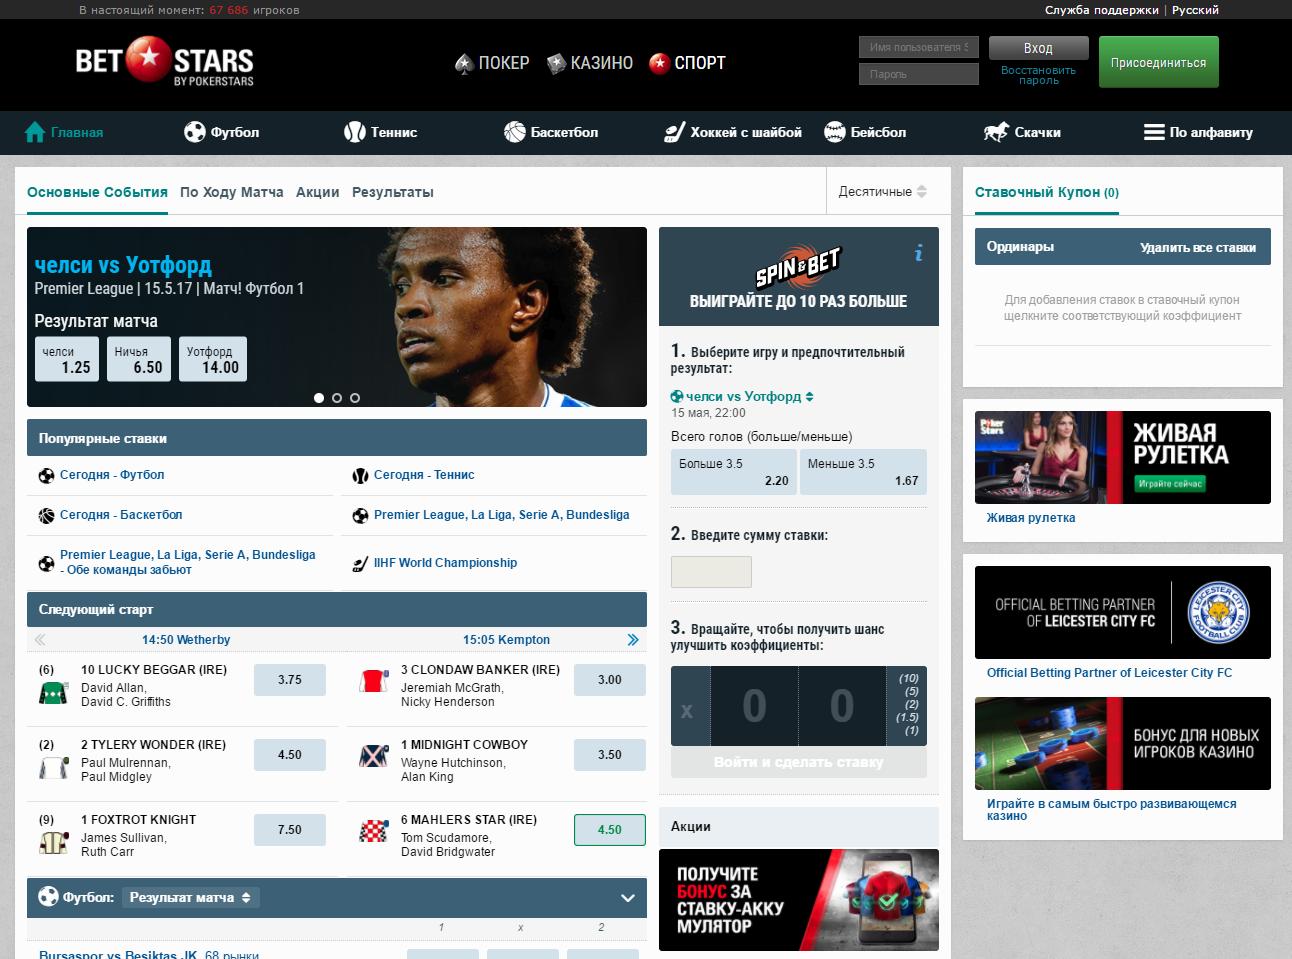 букмекерская контора Betstars сайт